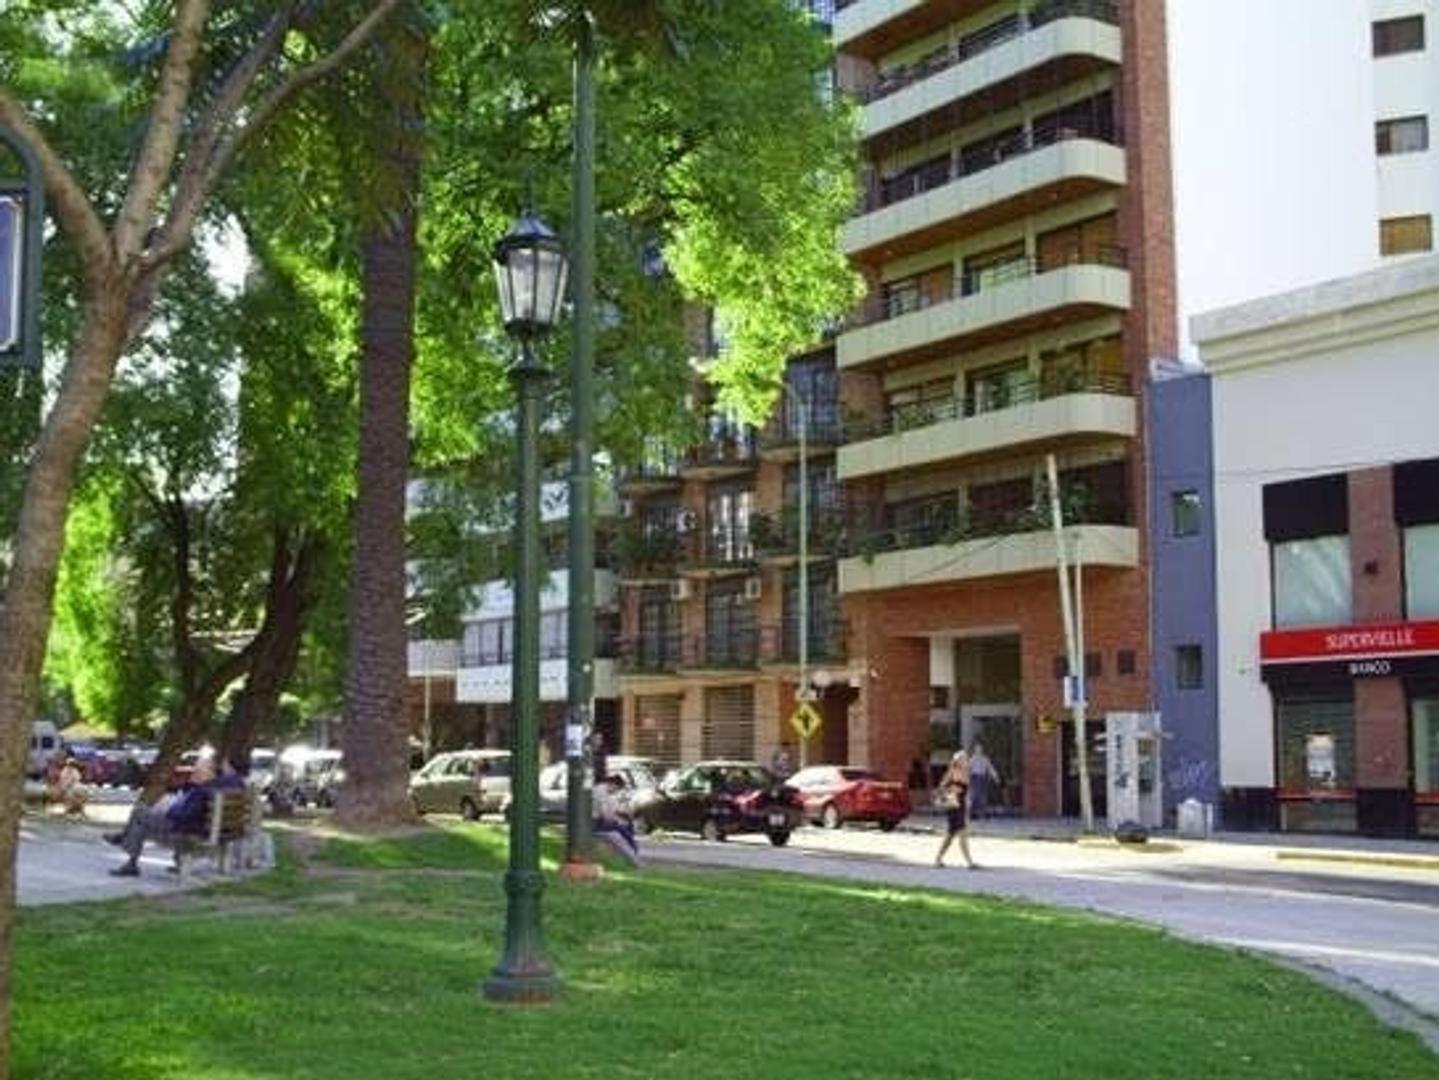 Departamento  en Venta ubicado en Palermo, Capital Federal - LAR1343_LP115732_6